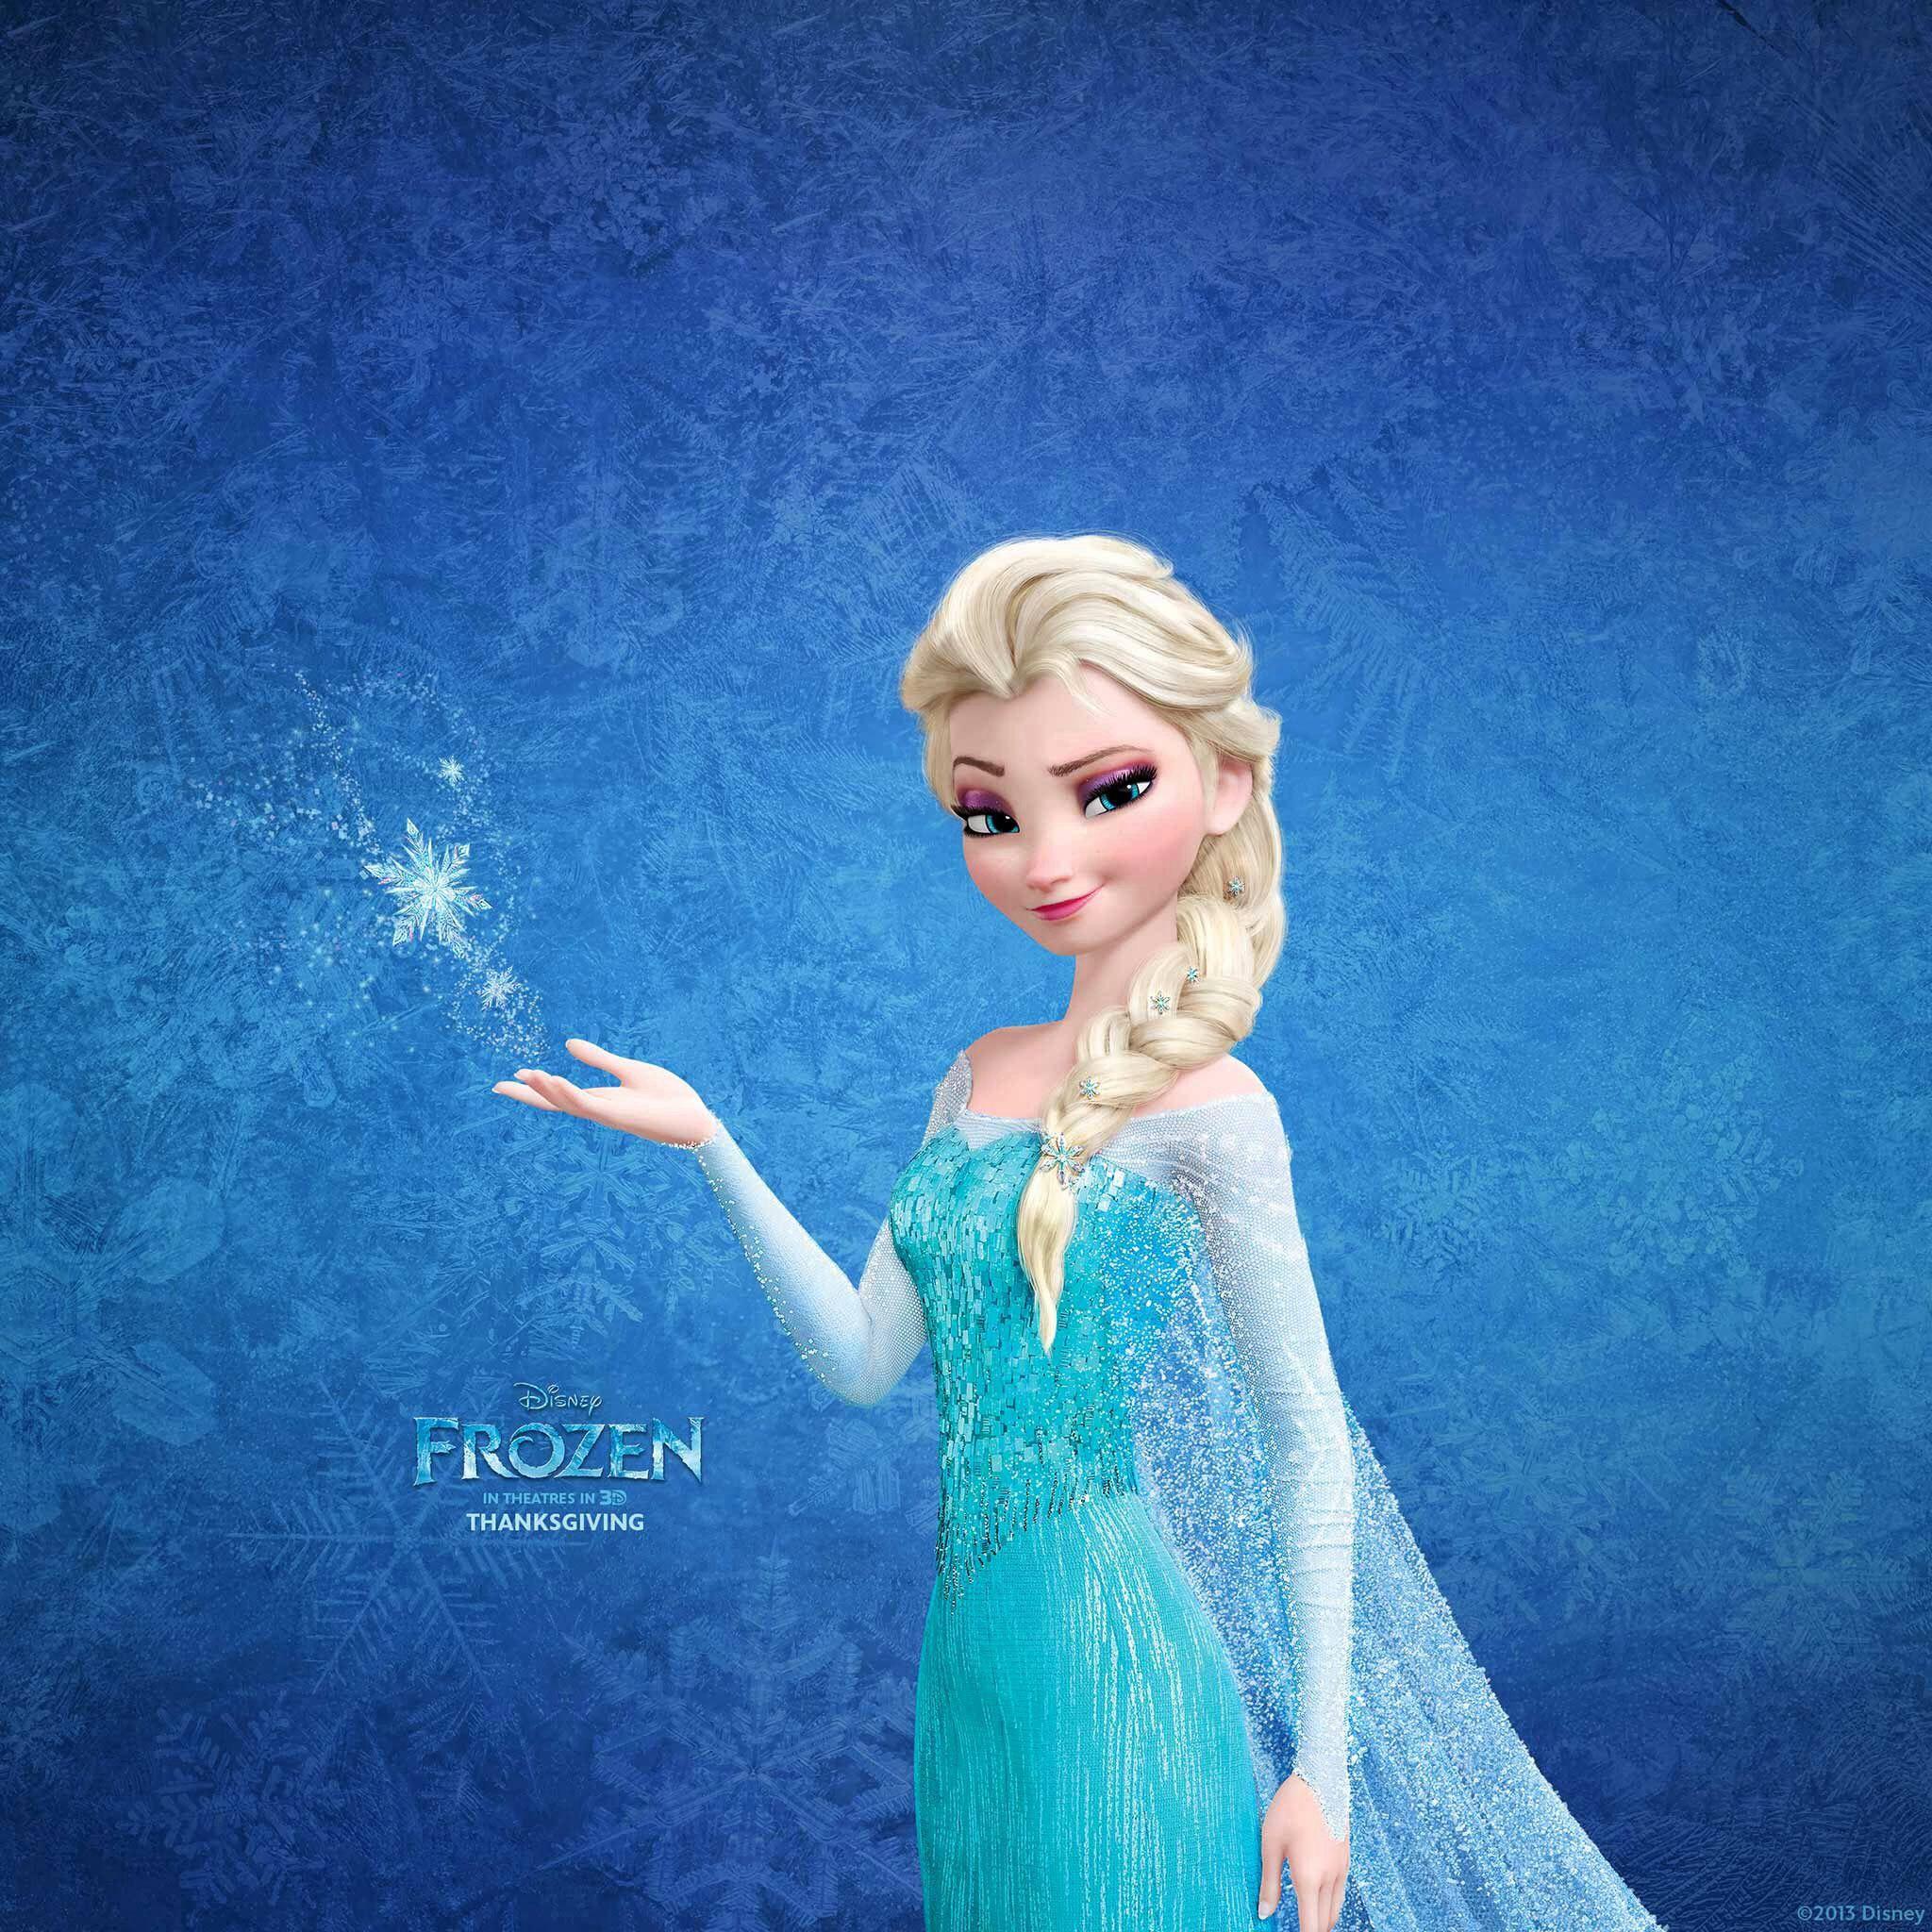 Frozen's Elsa iOS 7 Wallpaper C & c, Handarbeit